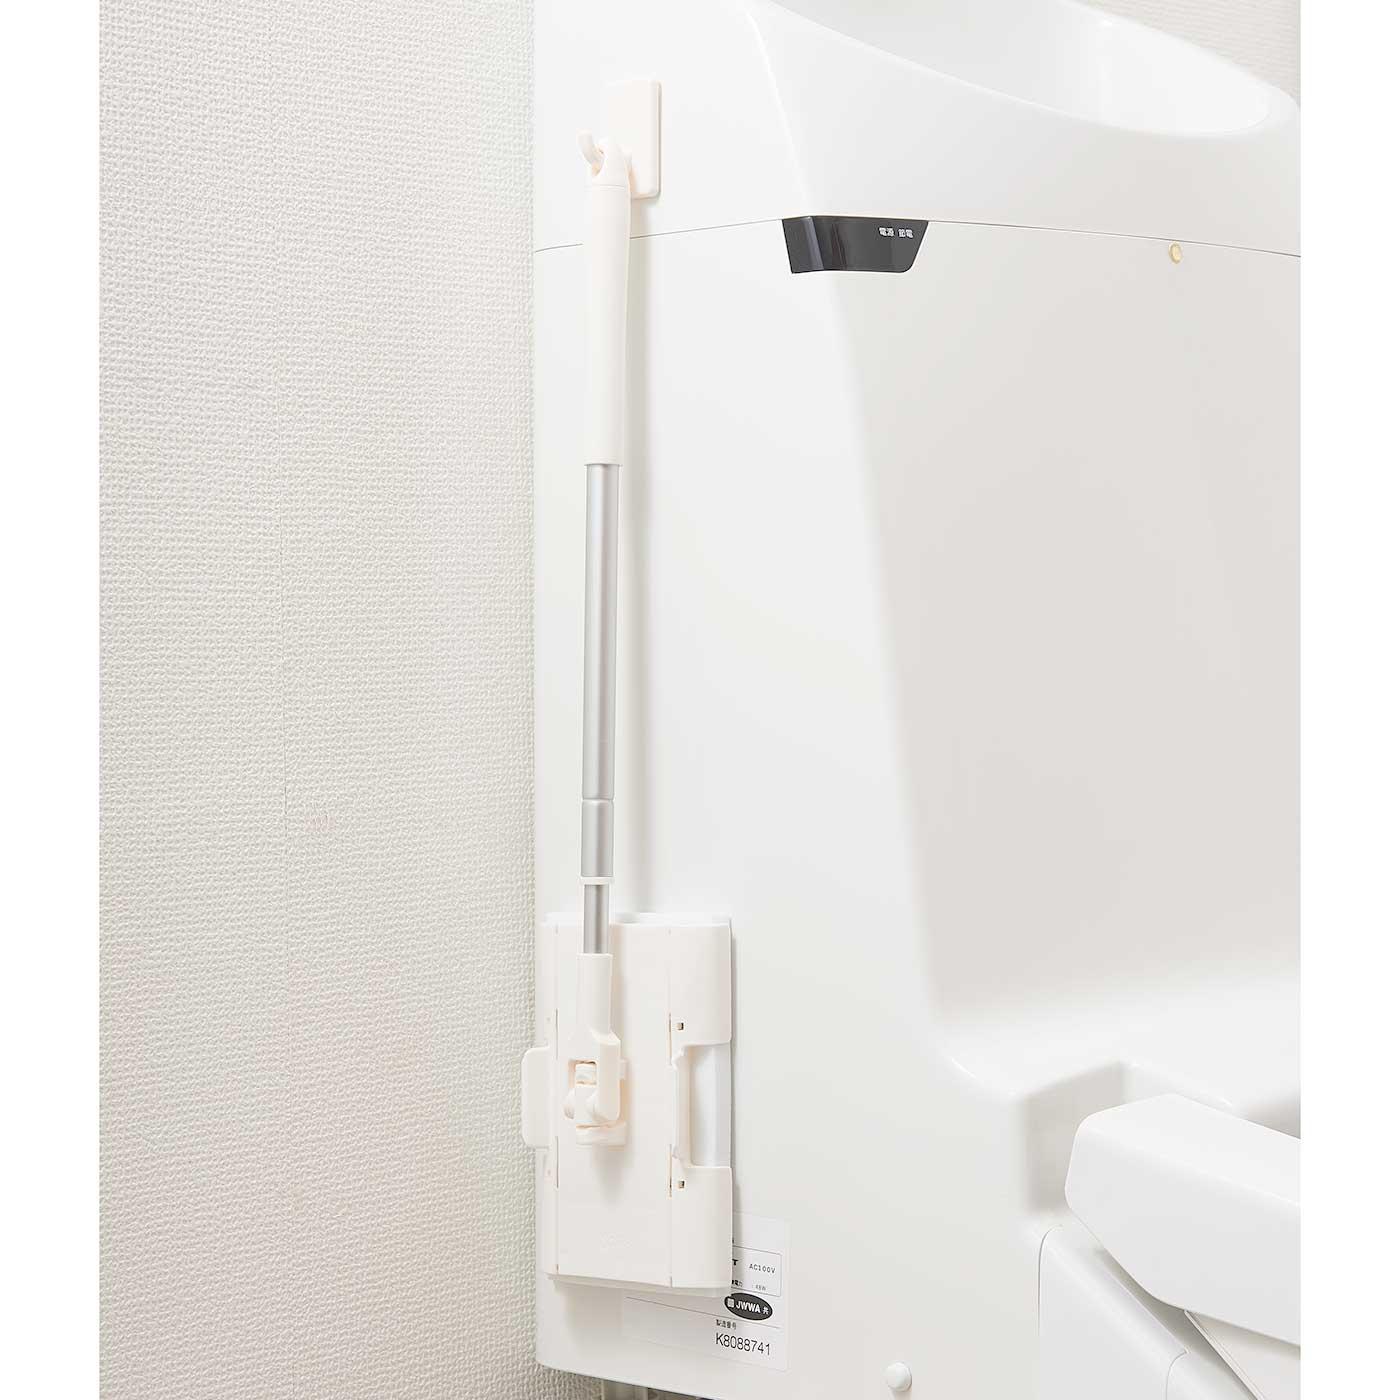 伸縮タイプの柄だから、短くすれば付属のフックでトイレやタンクの横に掛けられます。